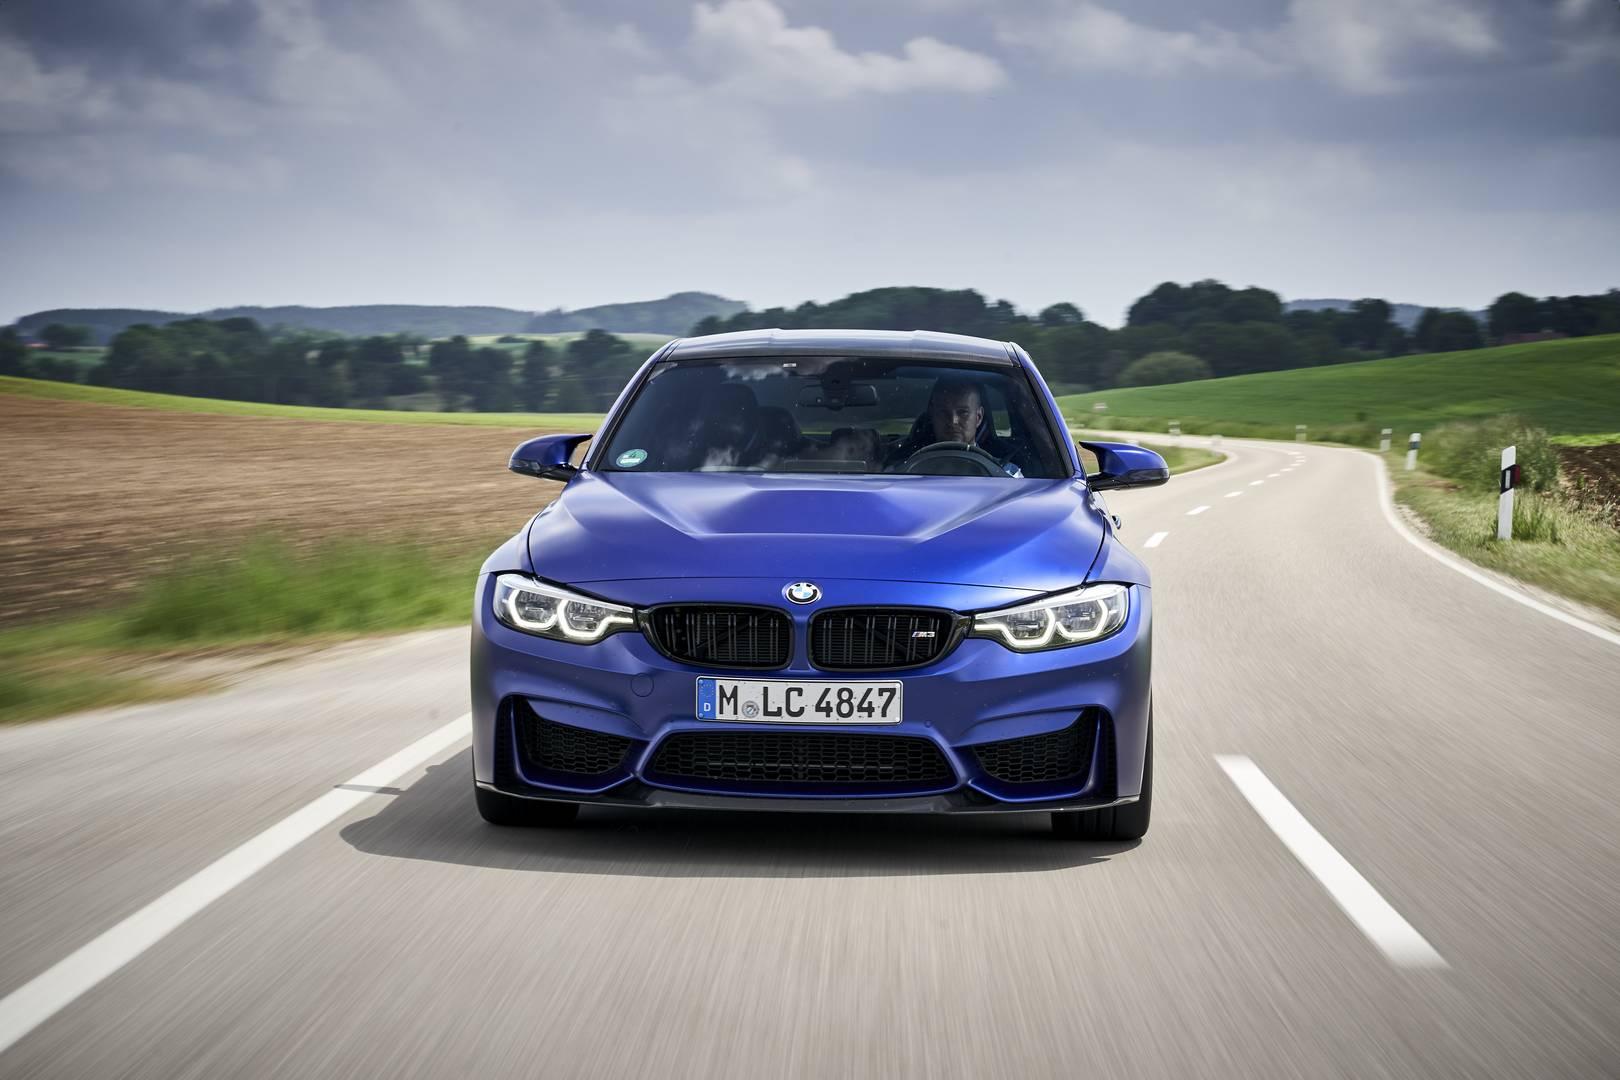 M3 стал более эффективным автомобилем - не жертвуя фактической производительностью.